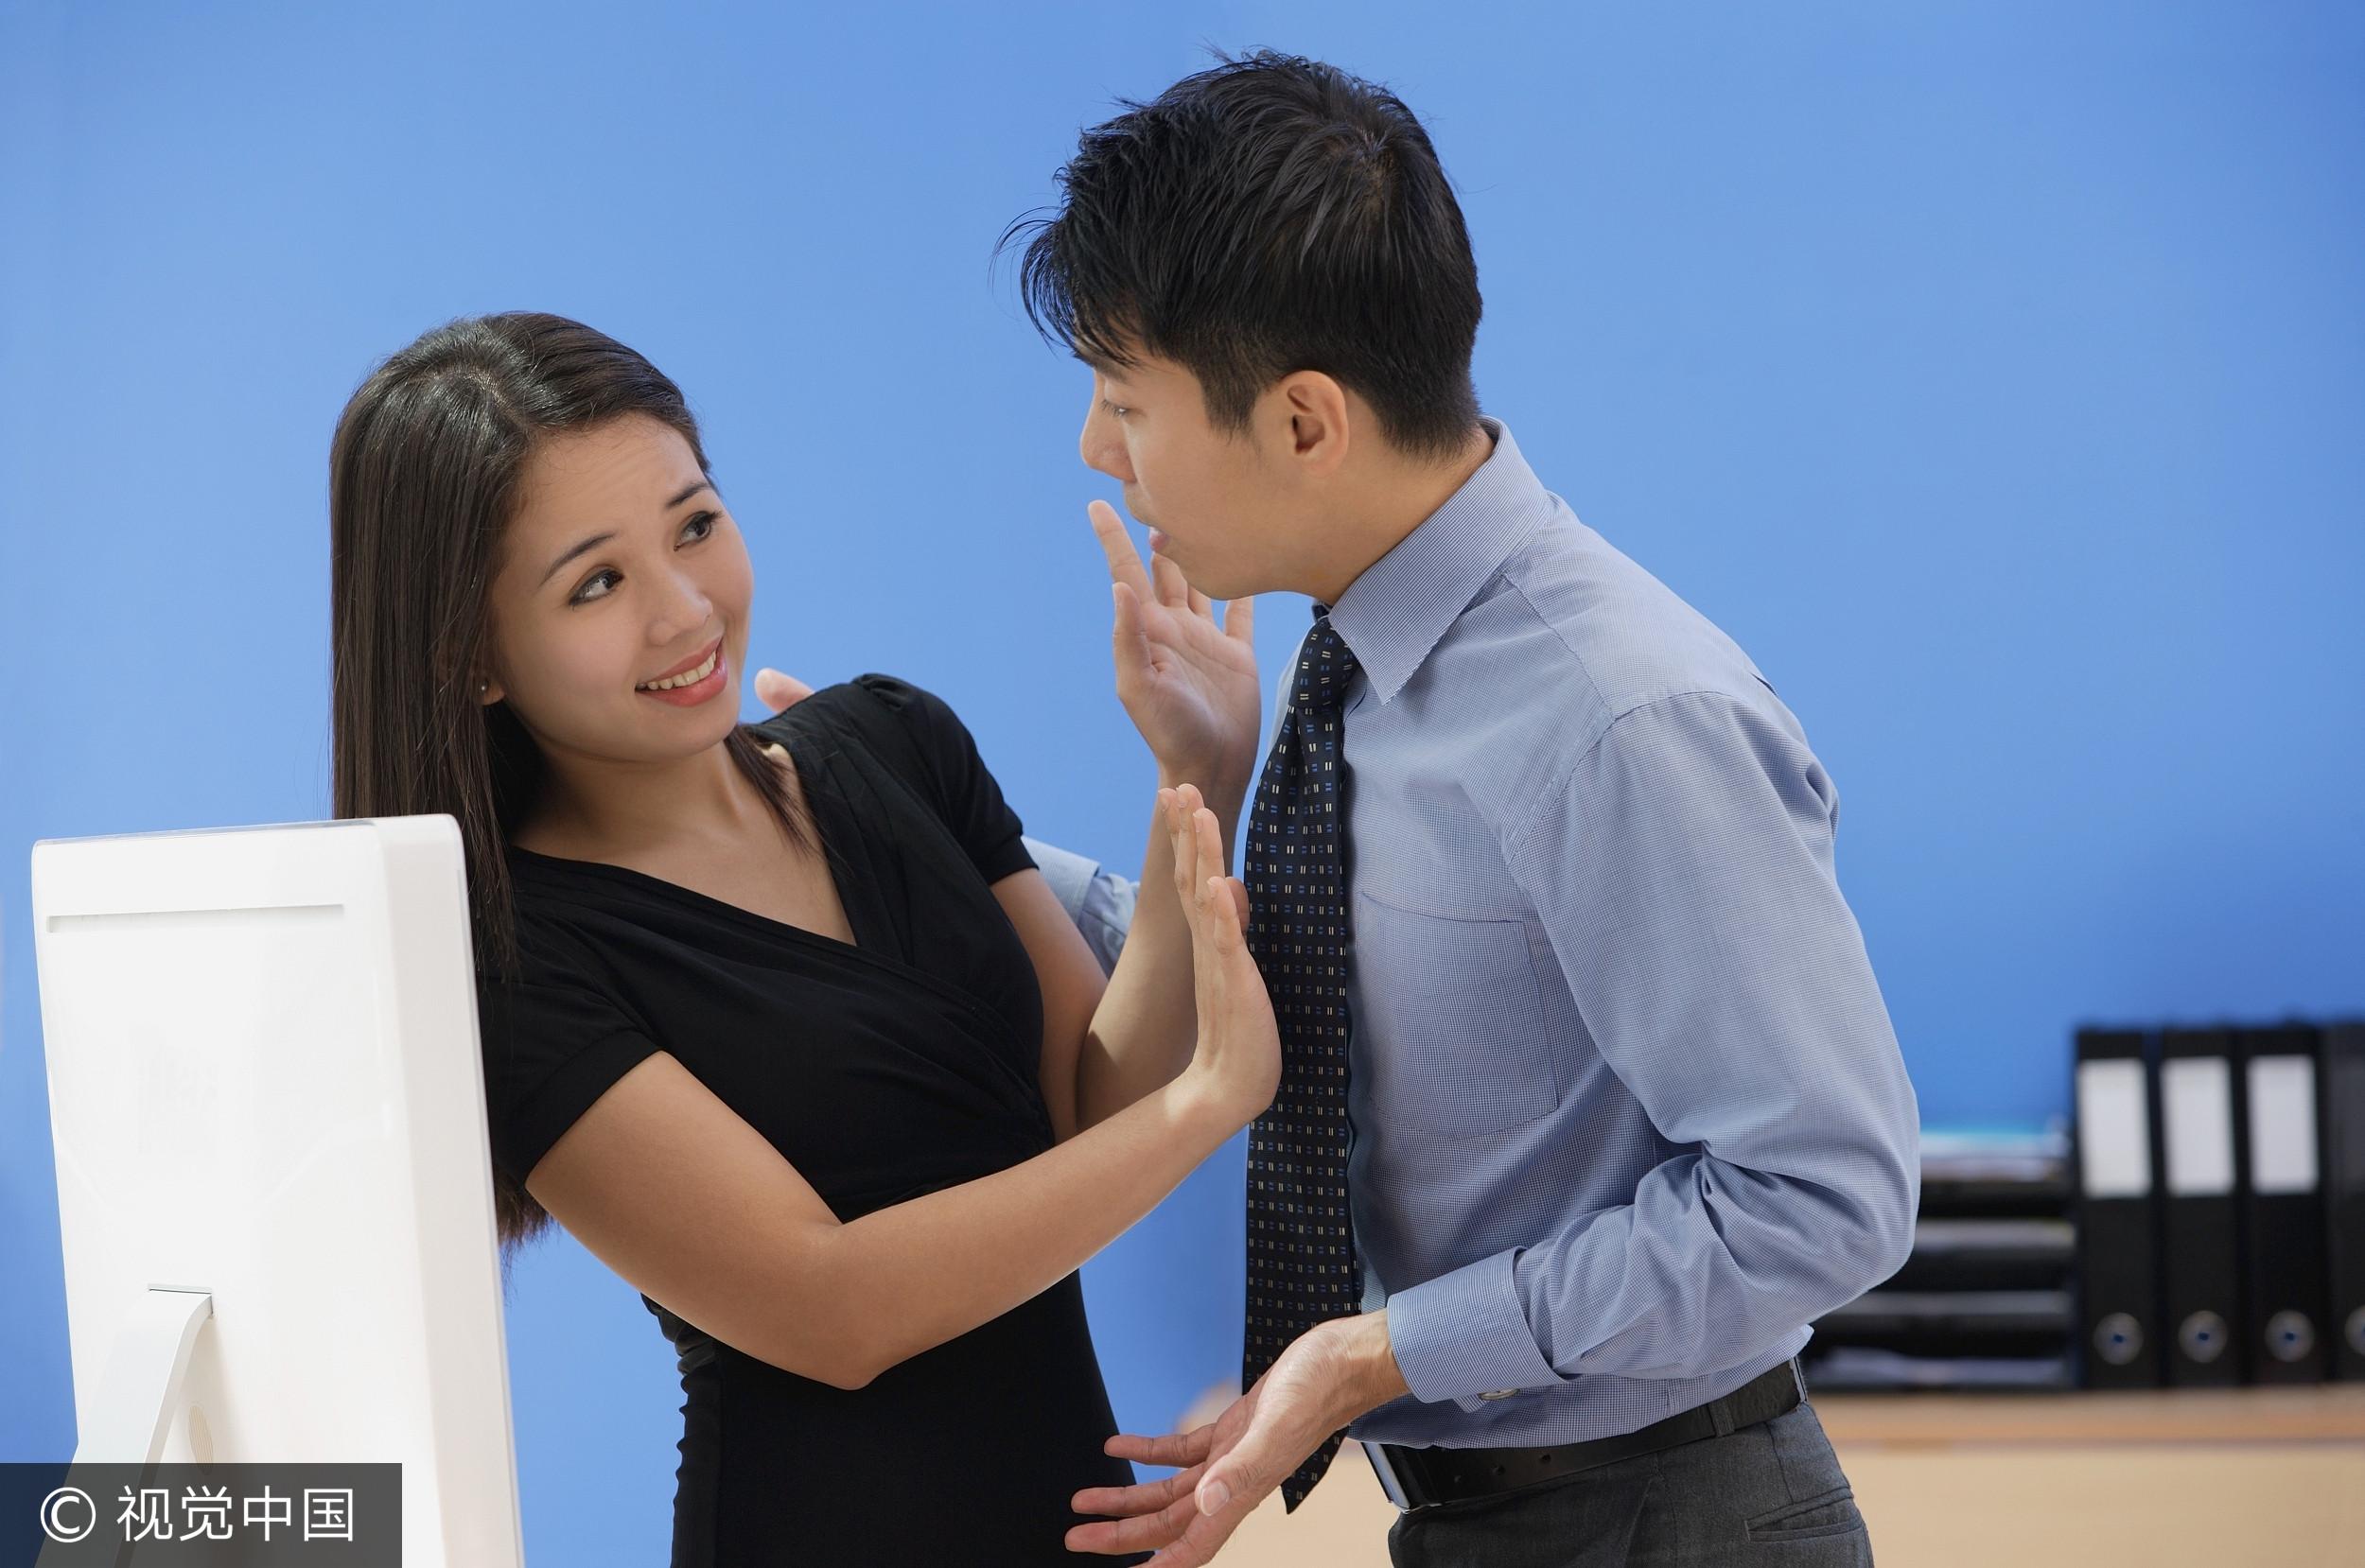 職場性騷擾,拒絕(圖/視覺中國CFP)